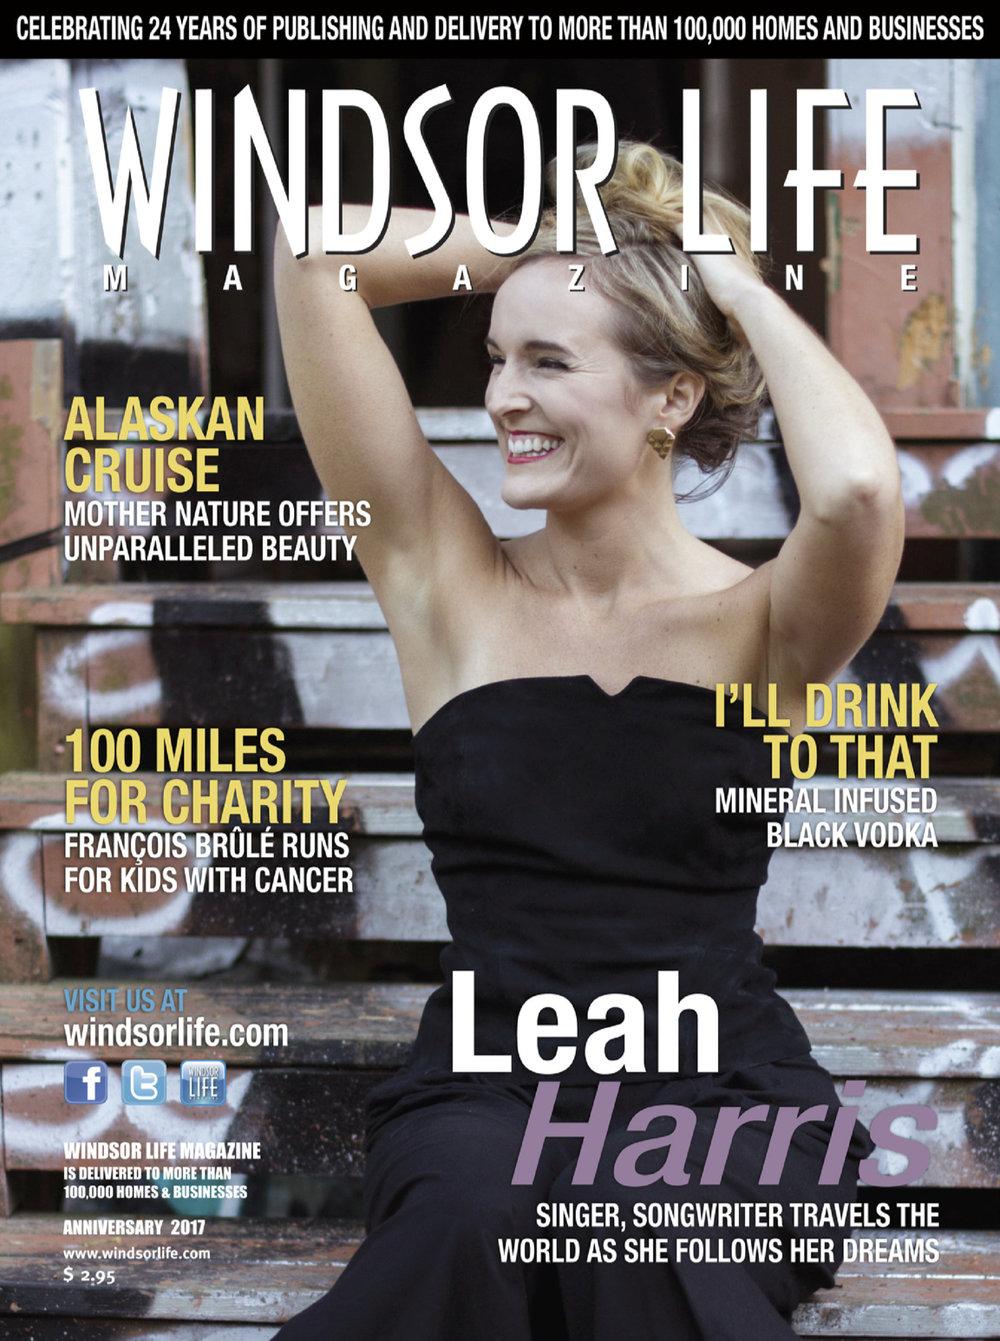 WindsorLifeMagazine_LeahHarris